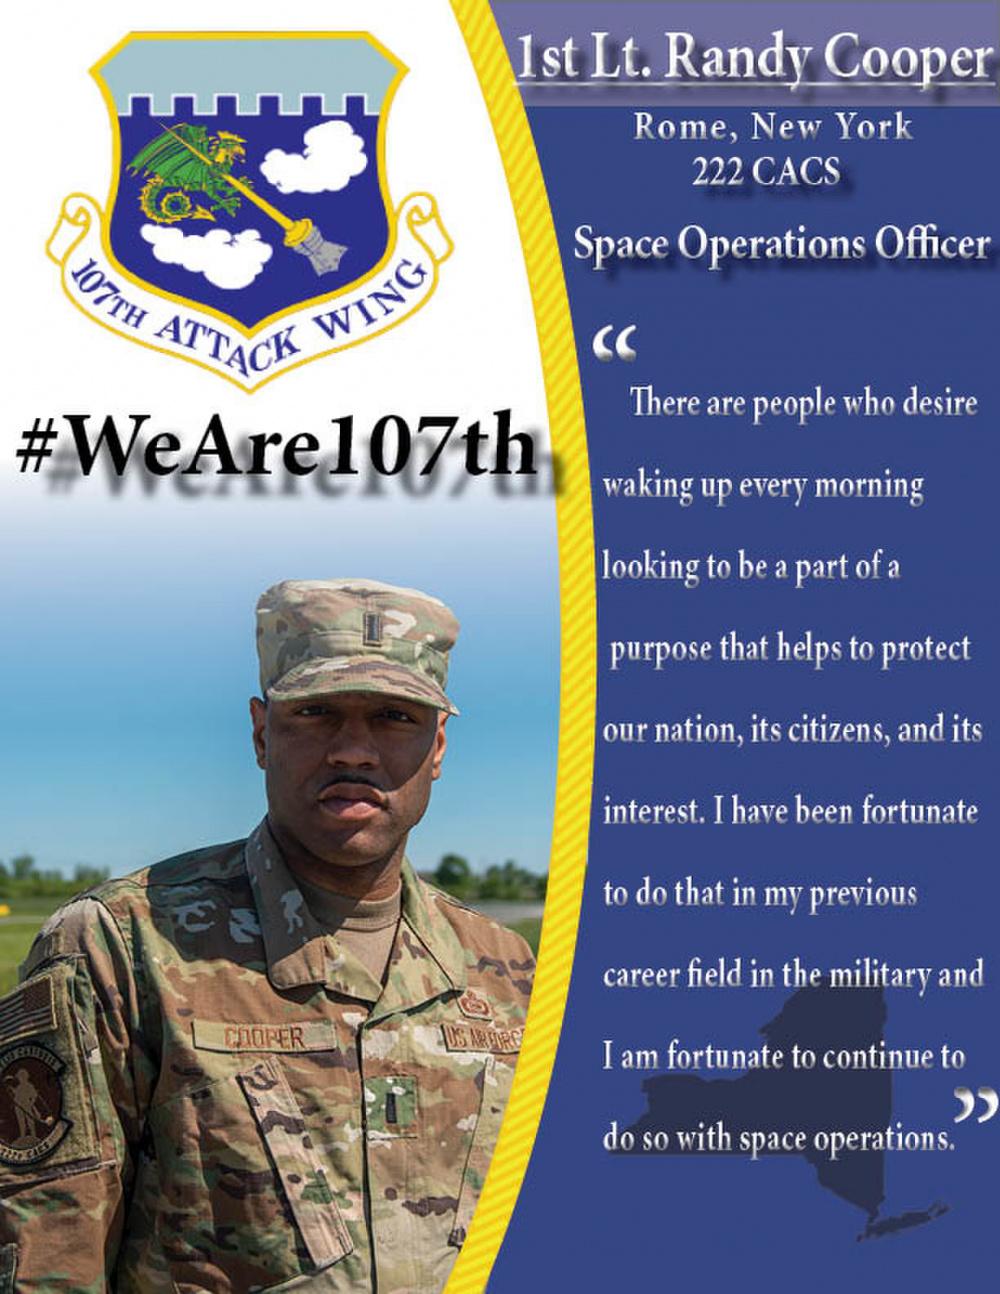 #WeAre107th: 1st Lt. Randy Cooper